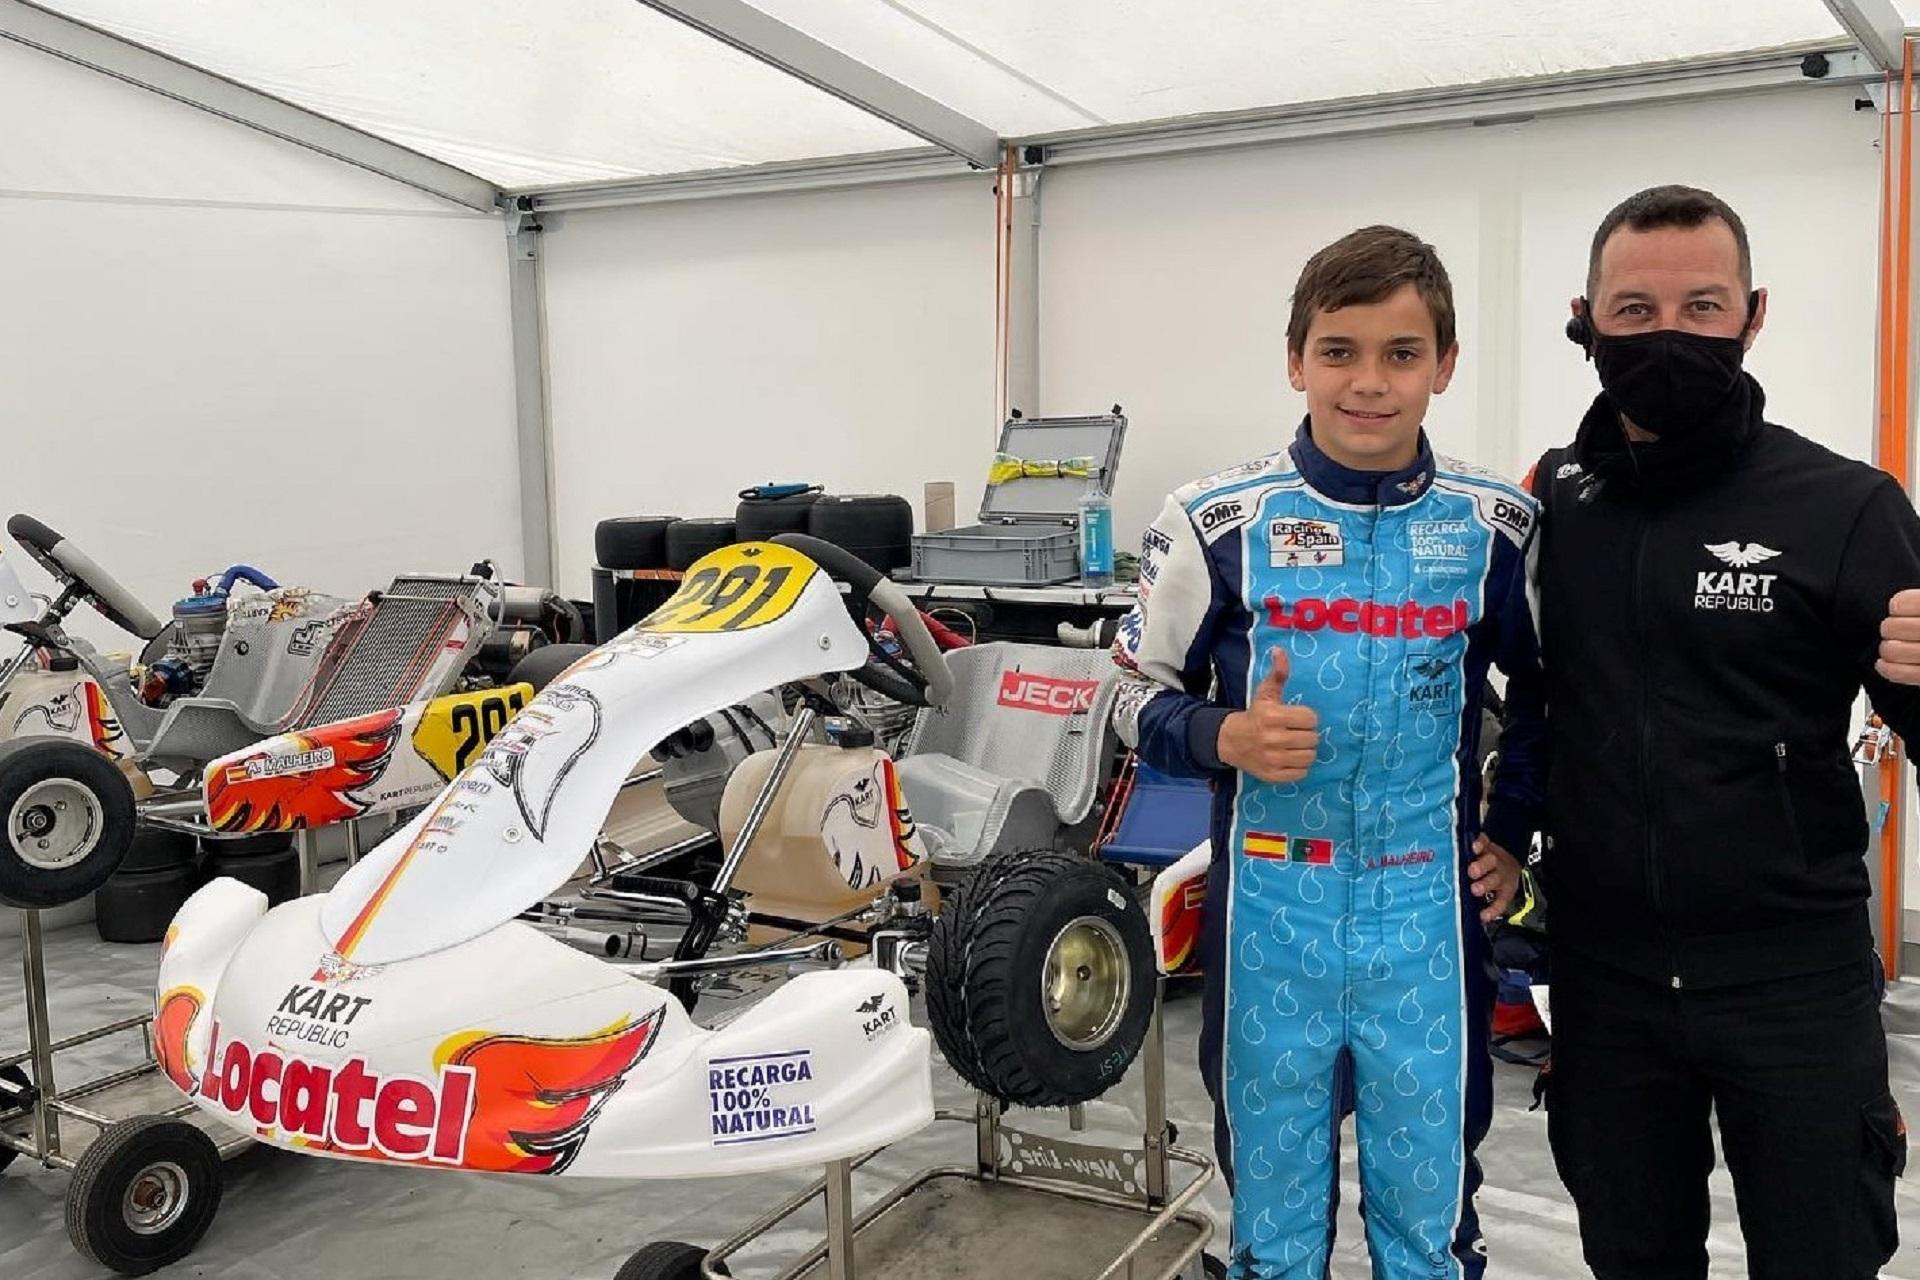 Adriàn Malheiro garante mais um positivo 16.º lugar no Europeu FIA OK-J em França